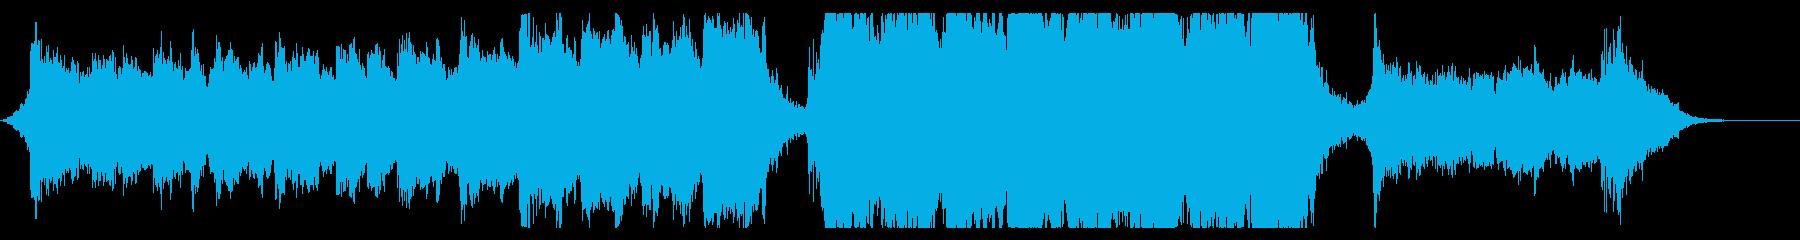 ハリウッド映画風の壮大なオーケストラ7Cの再生済みの波形